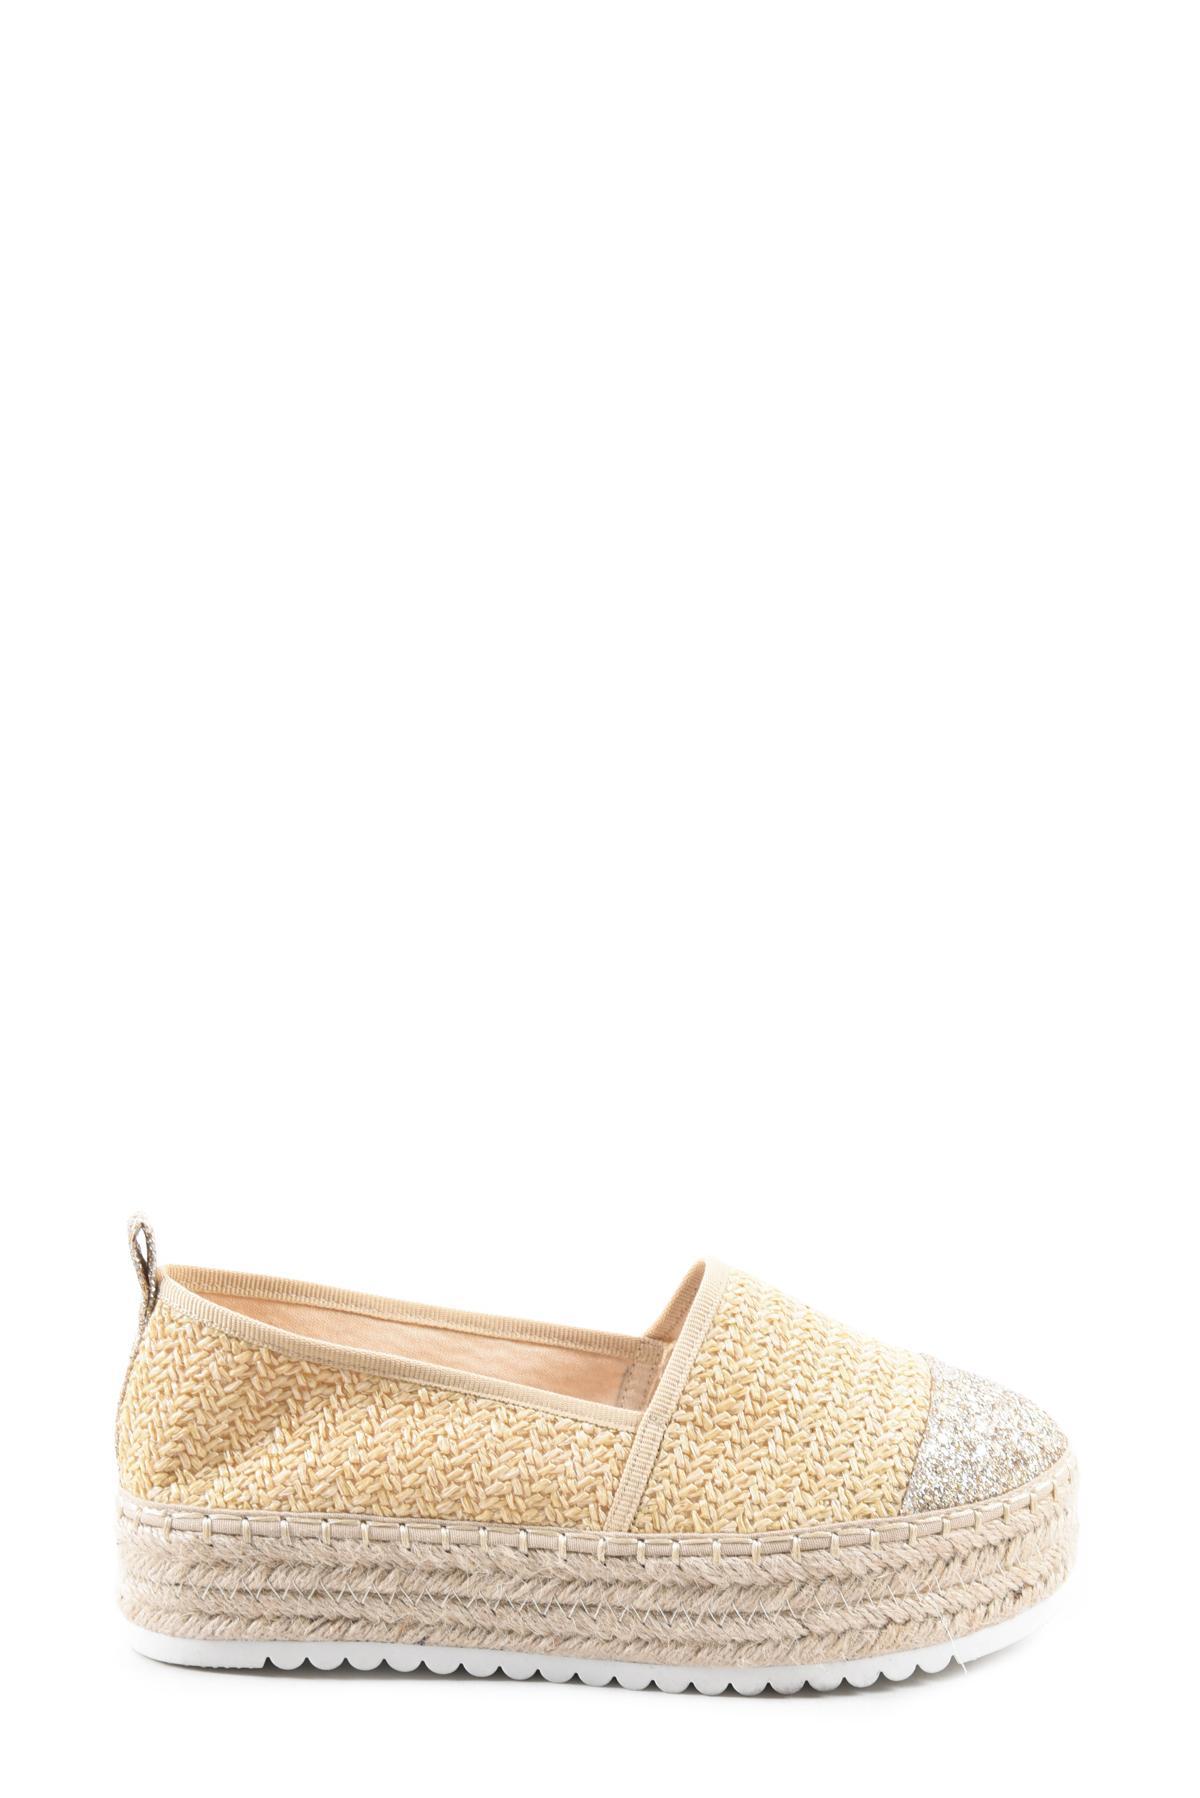 Espadrilles Chaussures Beige Erynn 9003-52 #c eFashion Paris